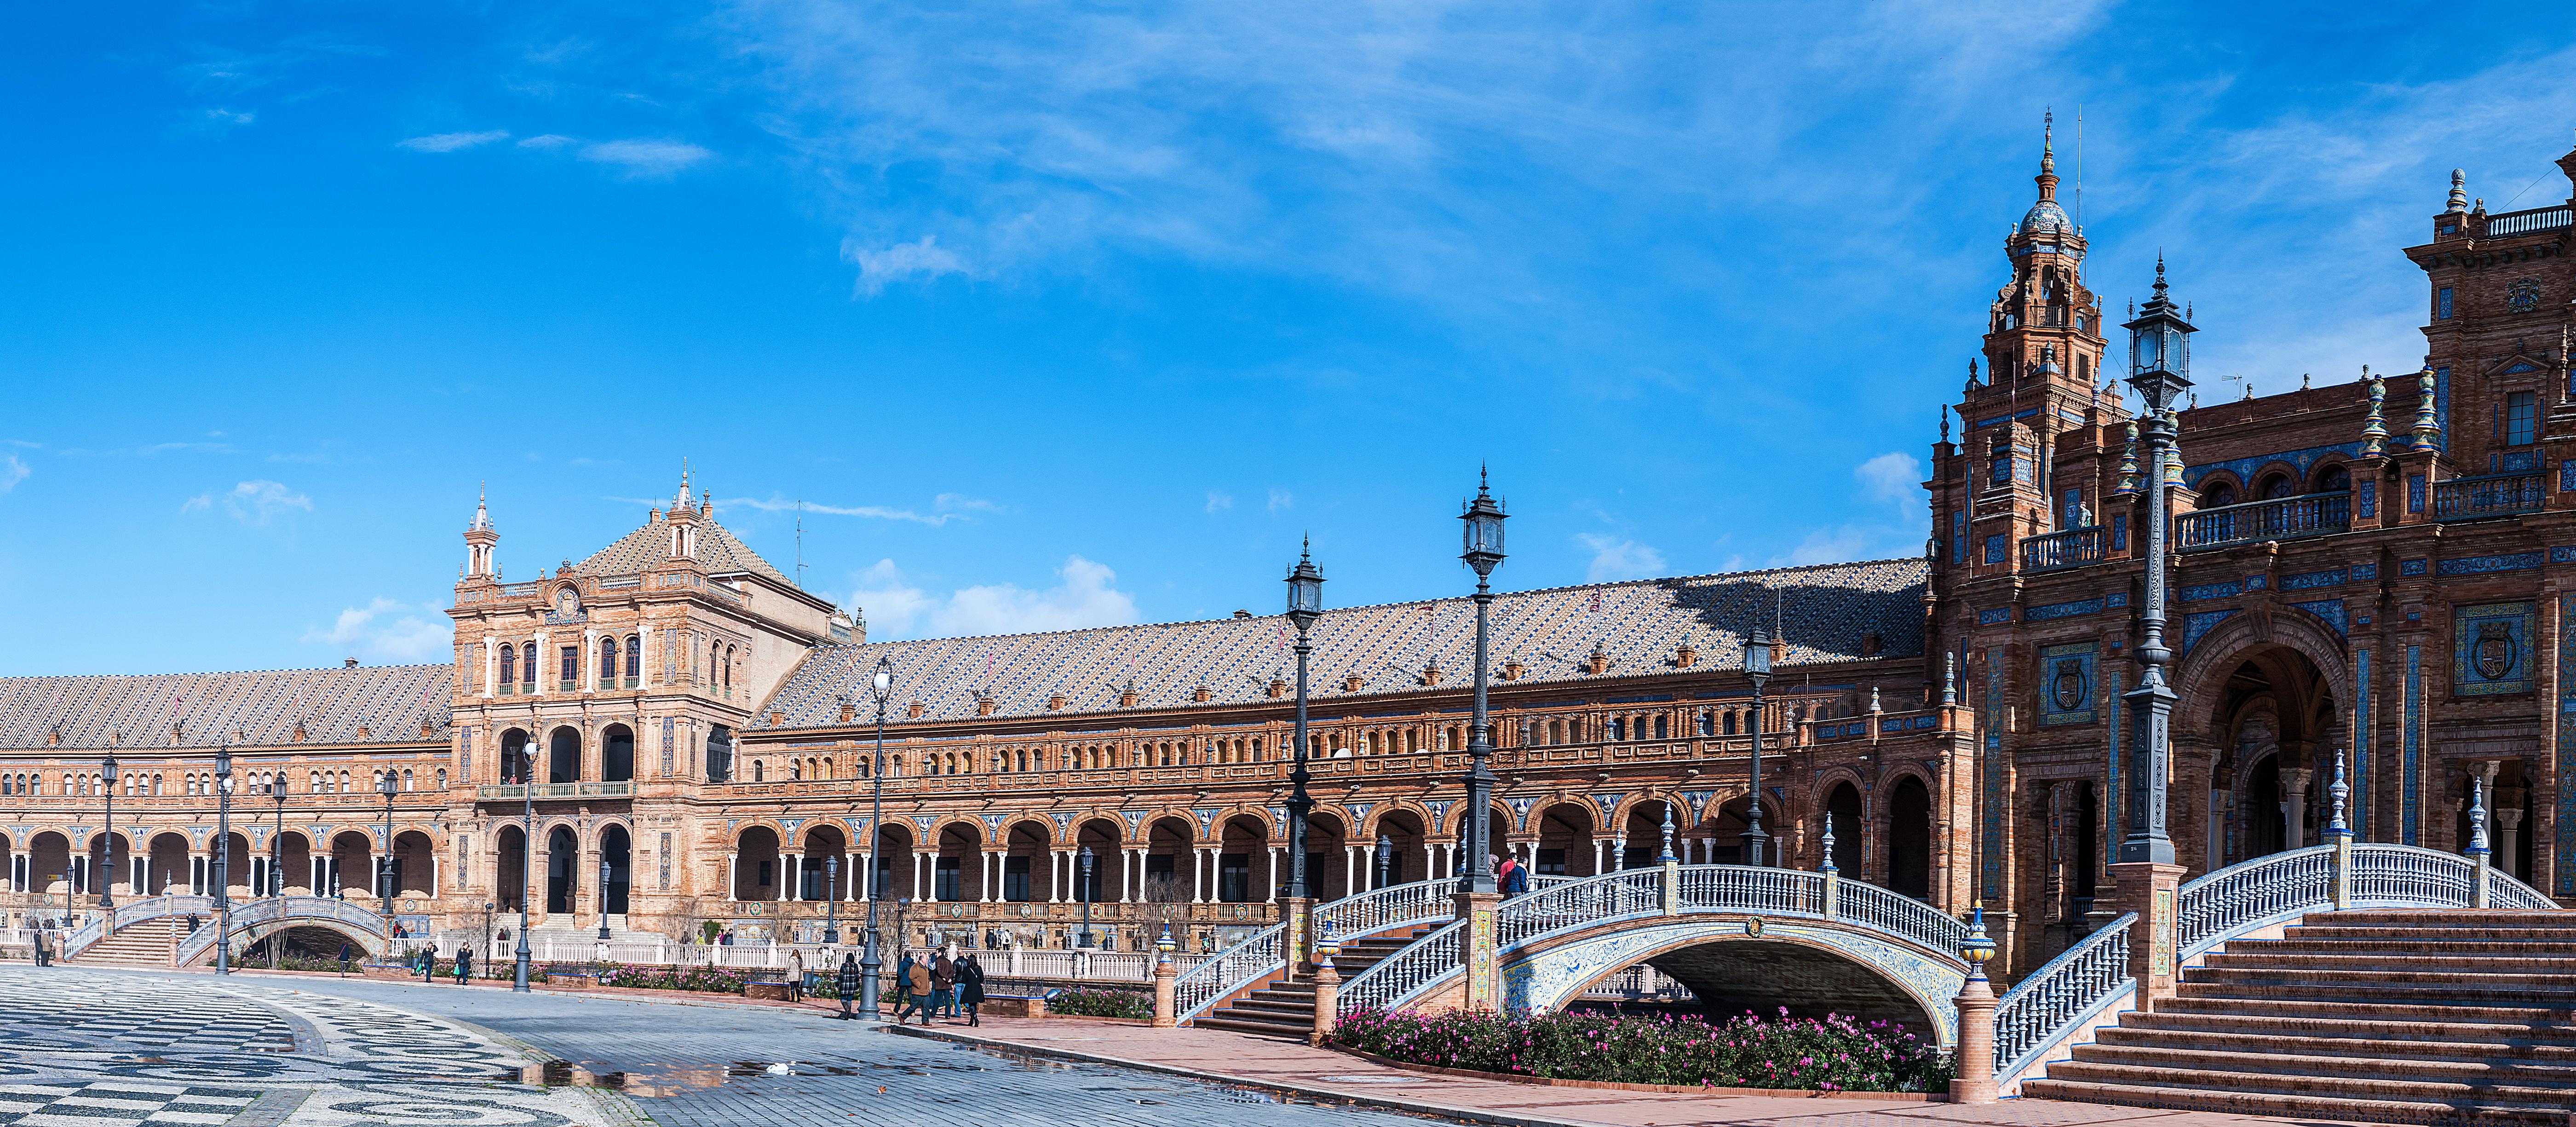 壁紙 5600x2450 スペイン マドリード 住宅 Plaza De Espan 広場 デザイン 階段 街灯 都市 ダウンロード 写真